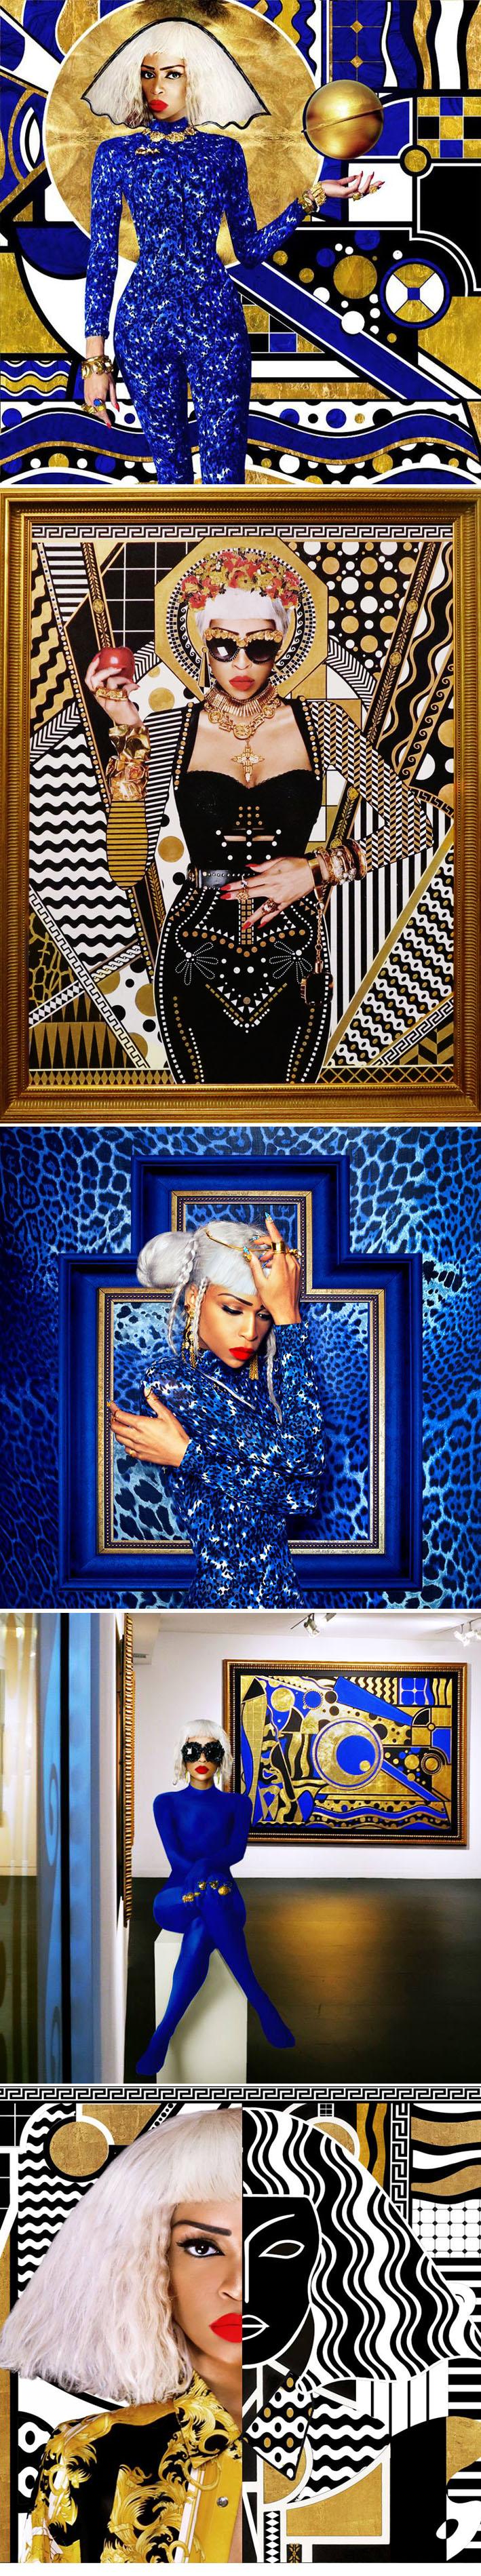 A artista Lina Iris Viktor mescla alta moda com hip hop e desenhos geométricos Art Nouveau stylo urbano-3